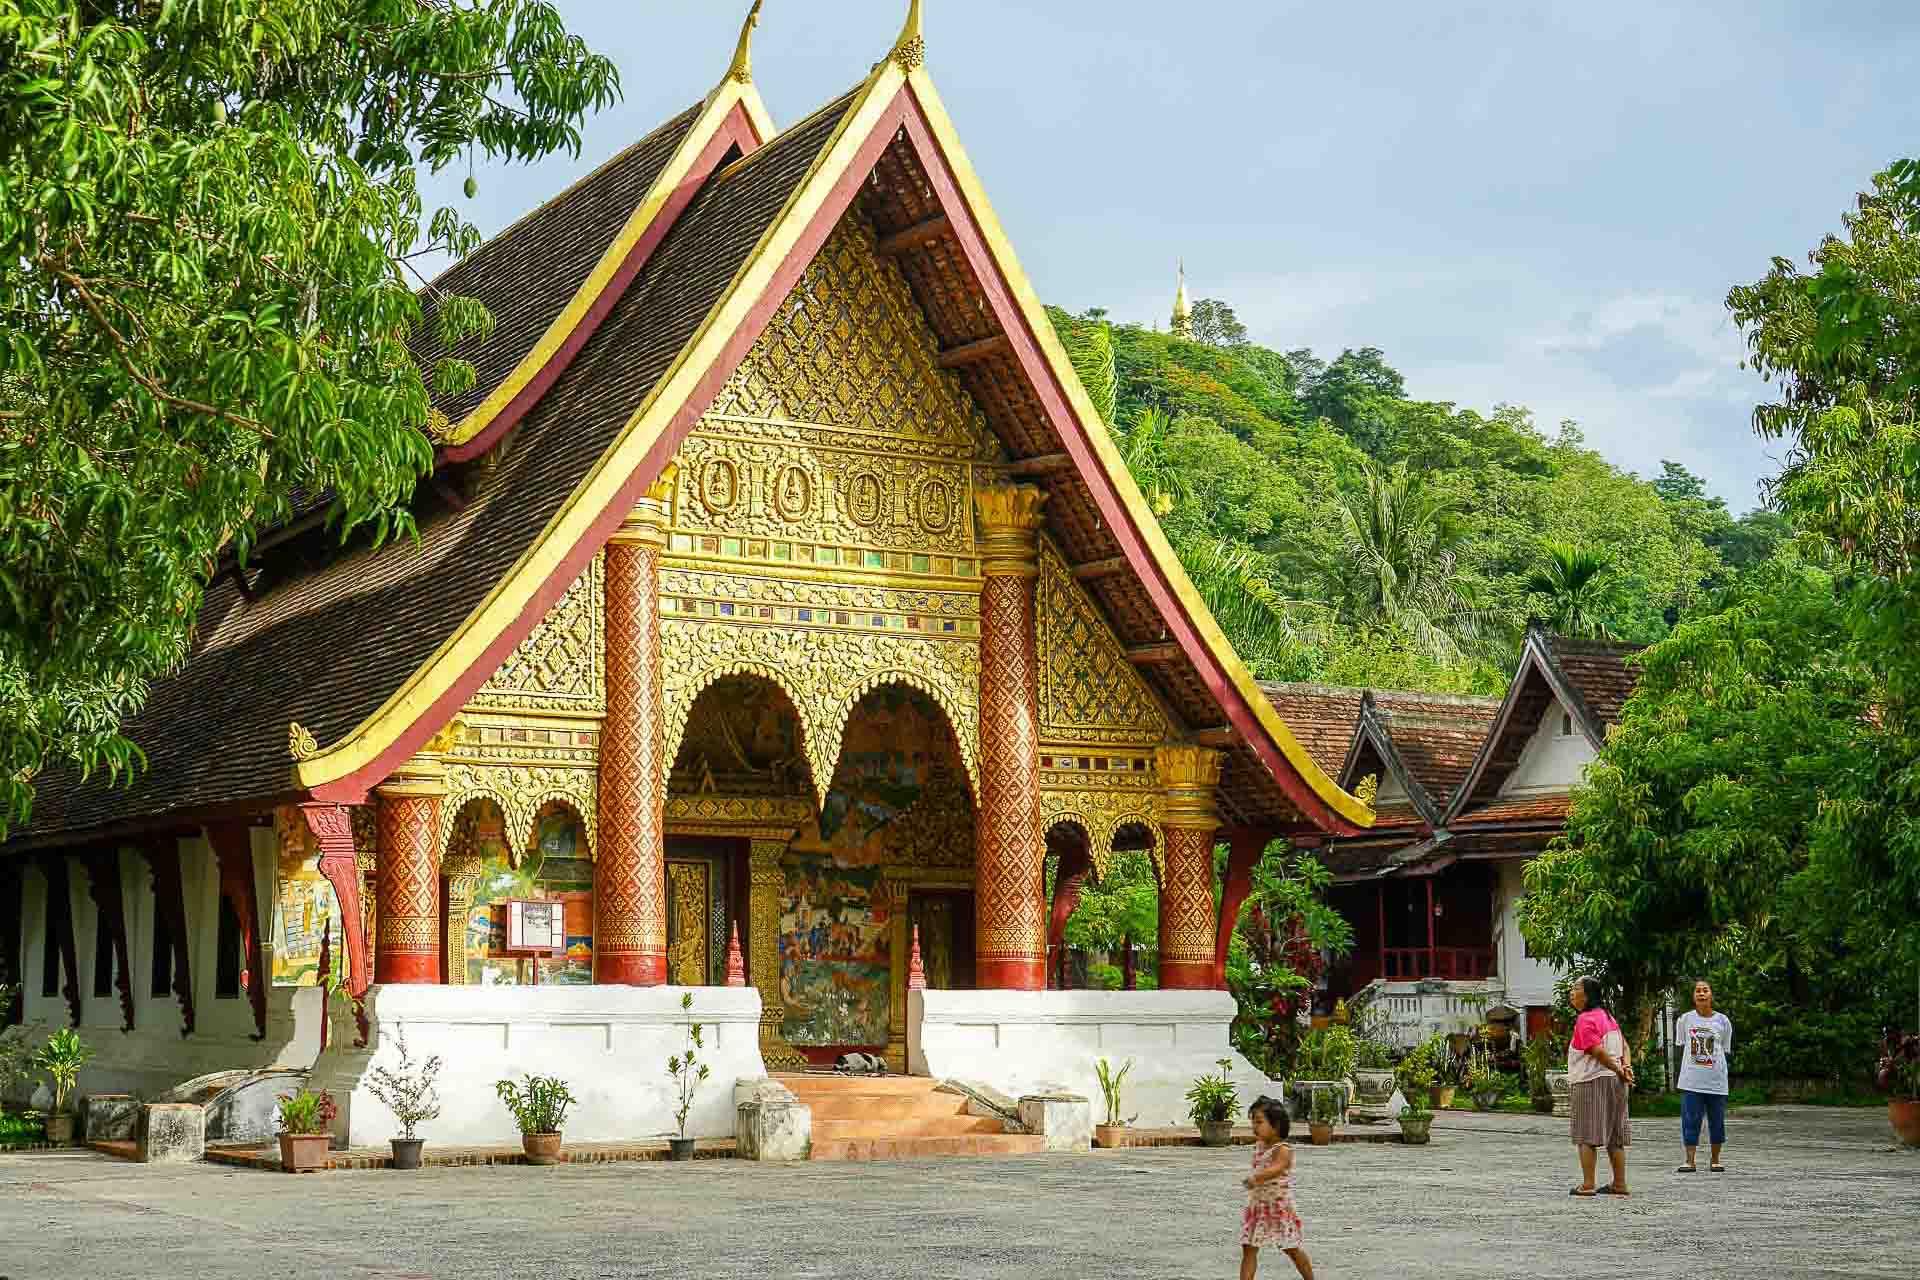 Capitale royale jusqu'en 1975, Luang Prabang est aujourd'hui la principale destination touristique du Laos. Découverte des meilleures adresses de cette ville au charme inouï, inscrite au patrimoine mondial de l'UNESCO.